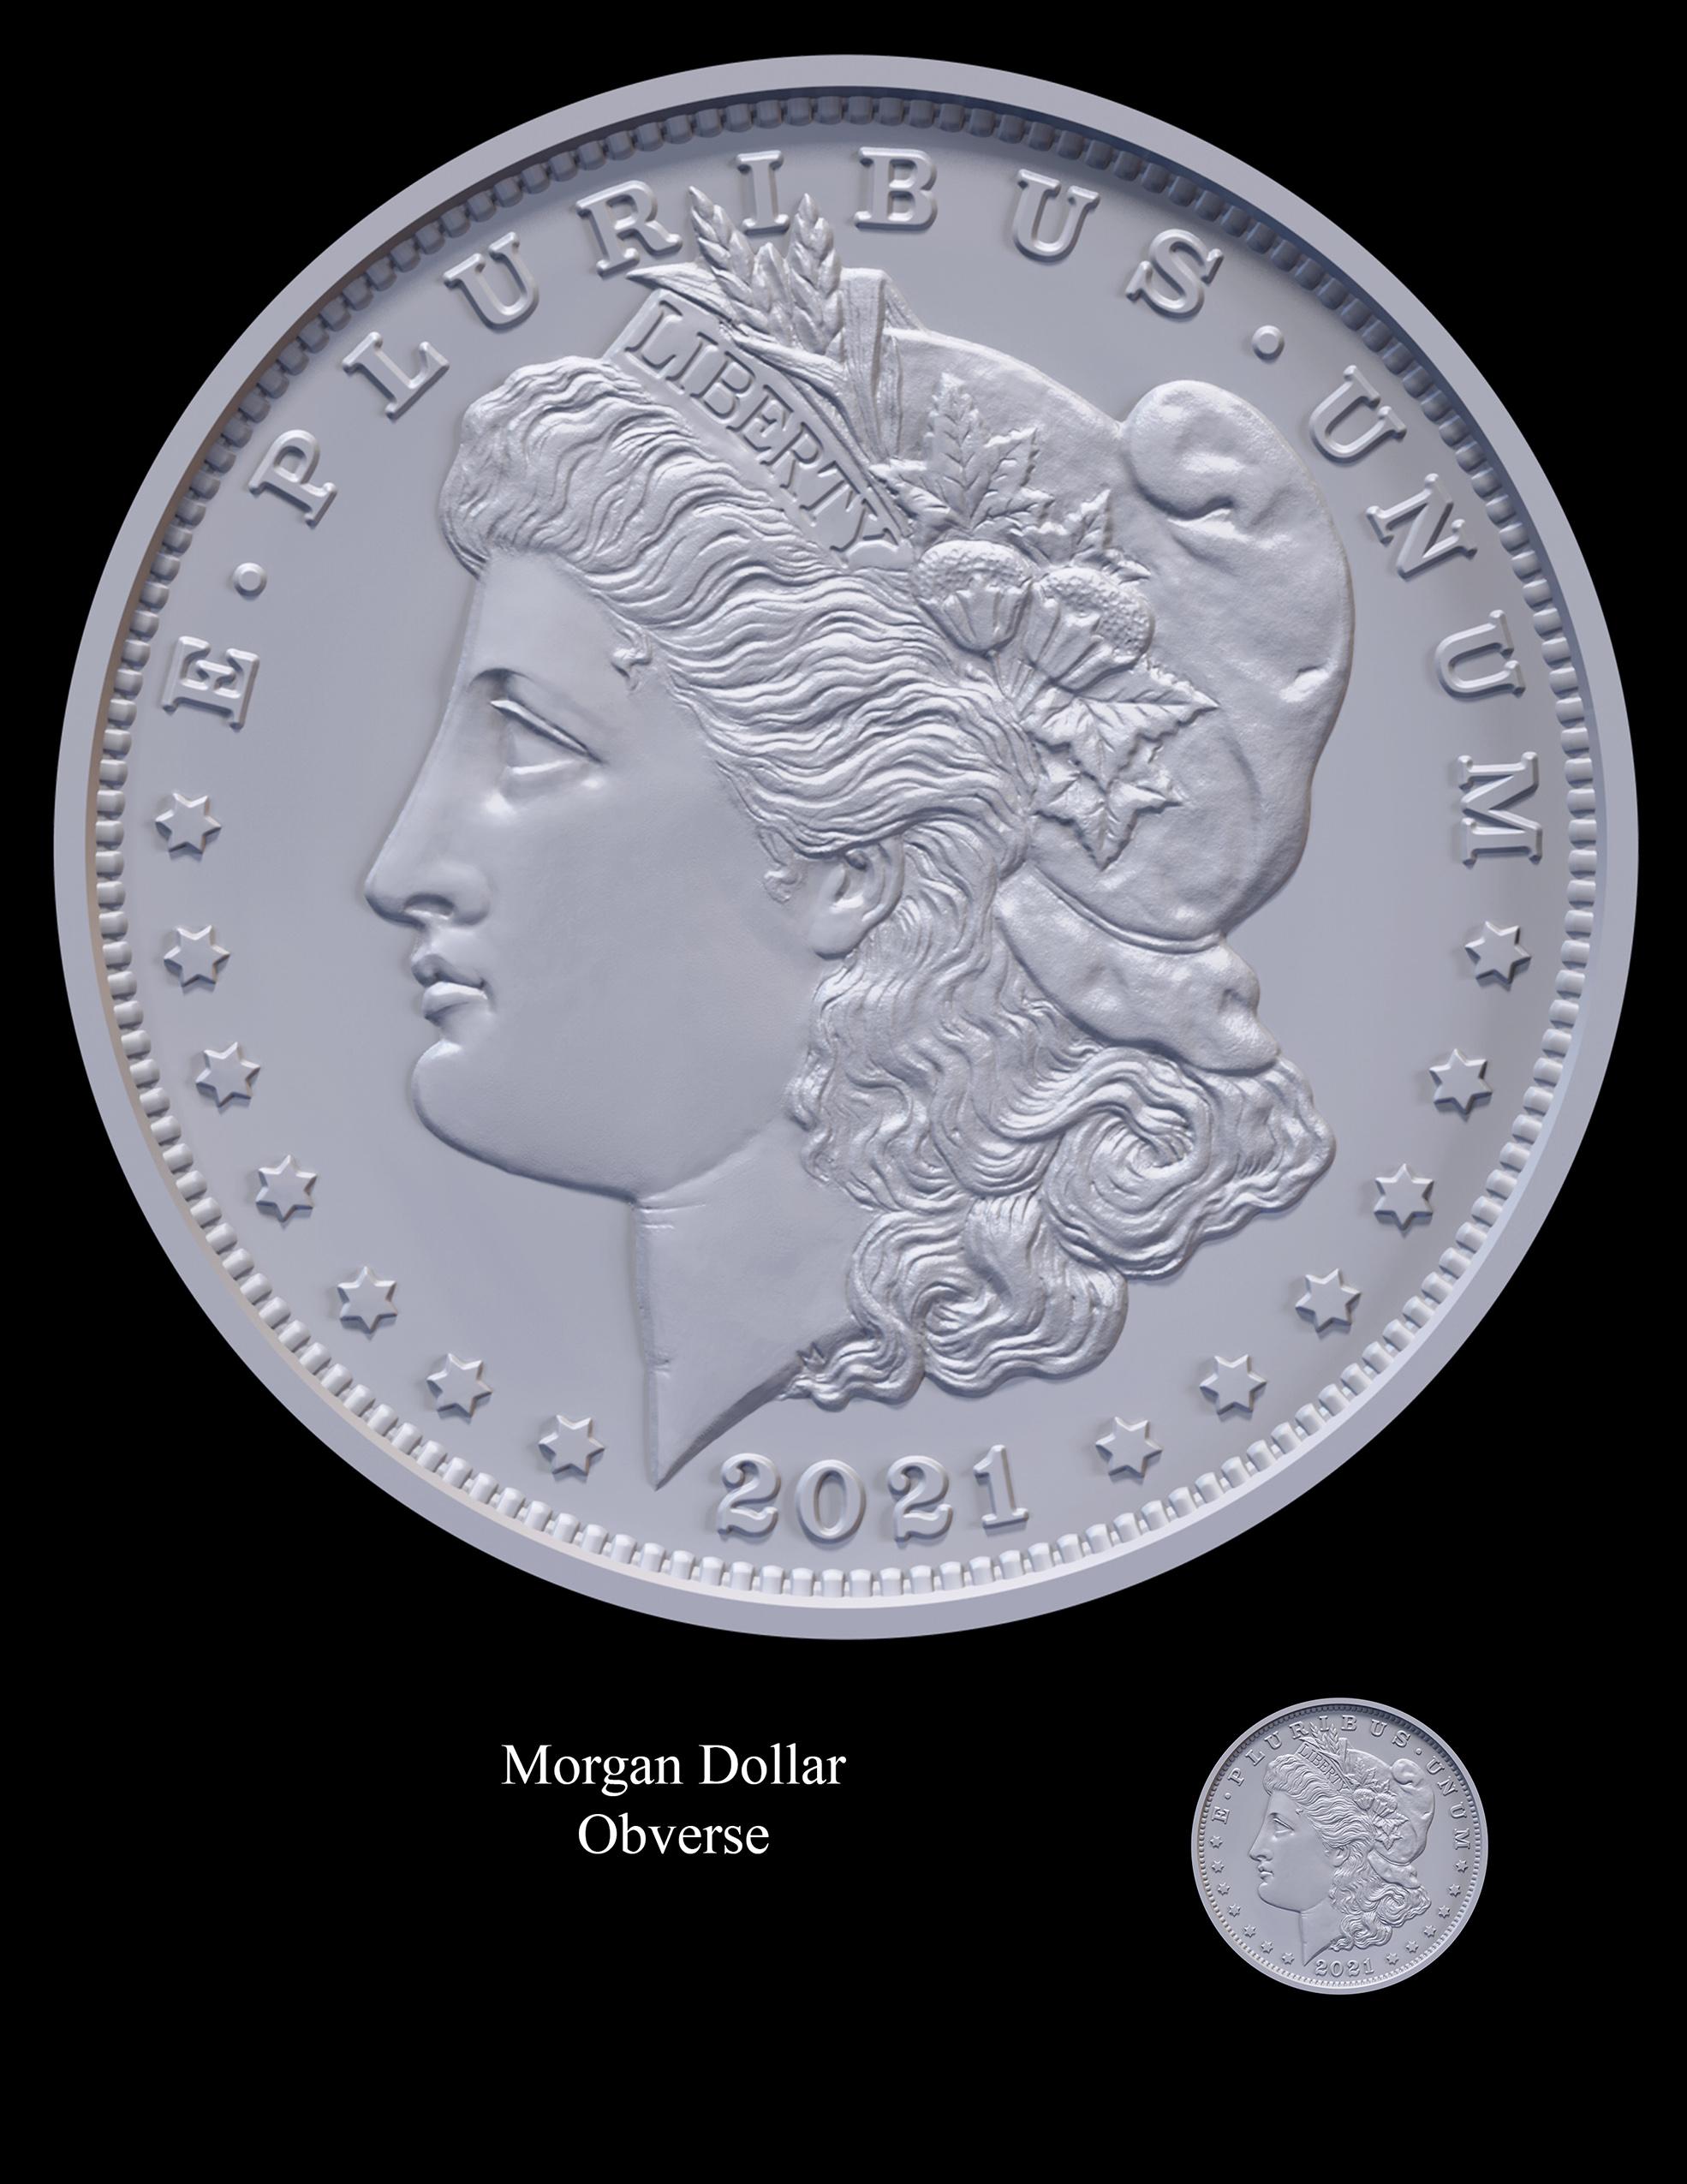 Morgan Obverse -- 2021 Morgan Dollar